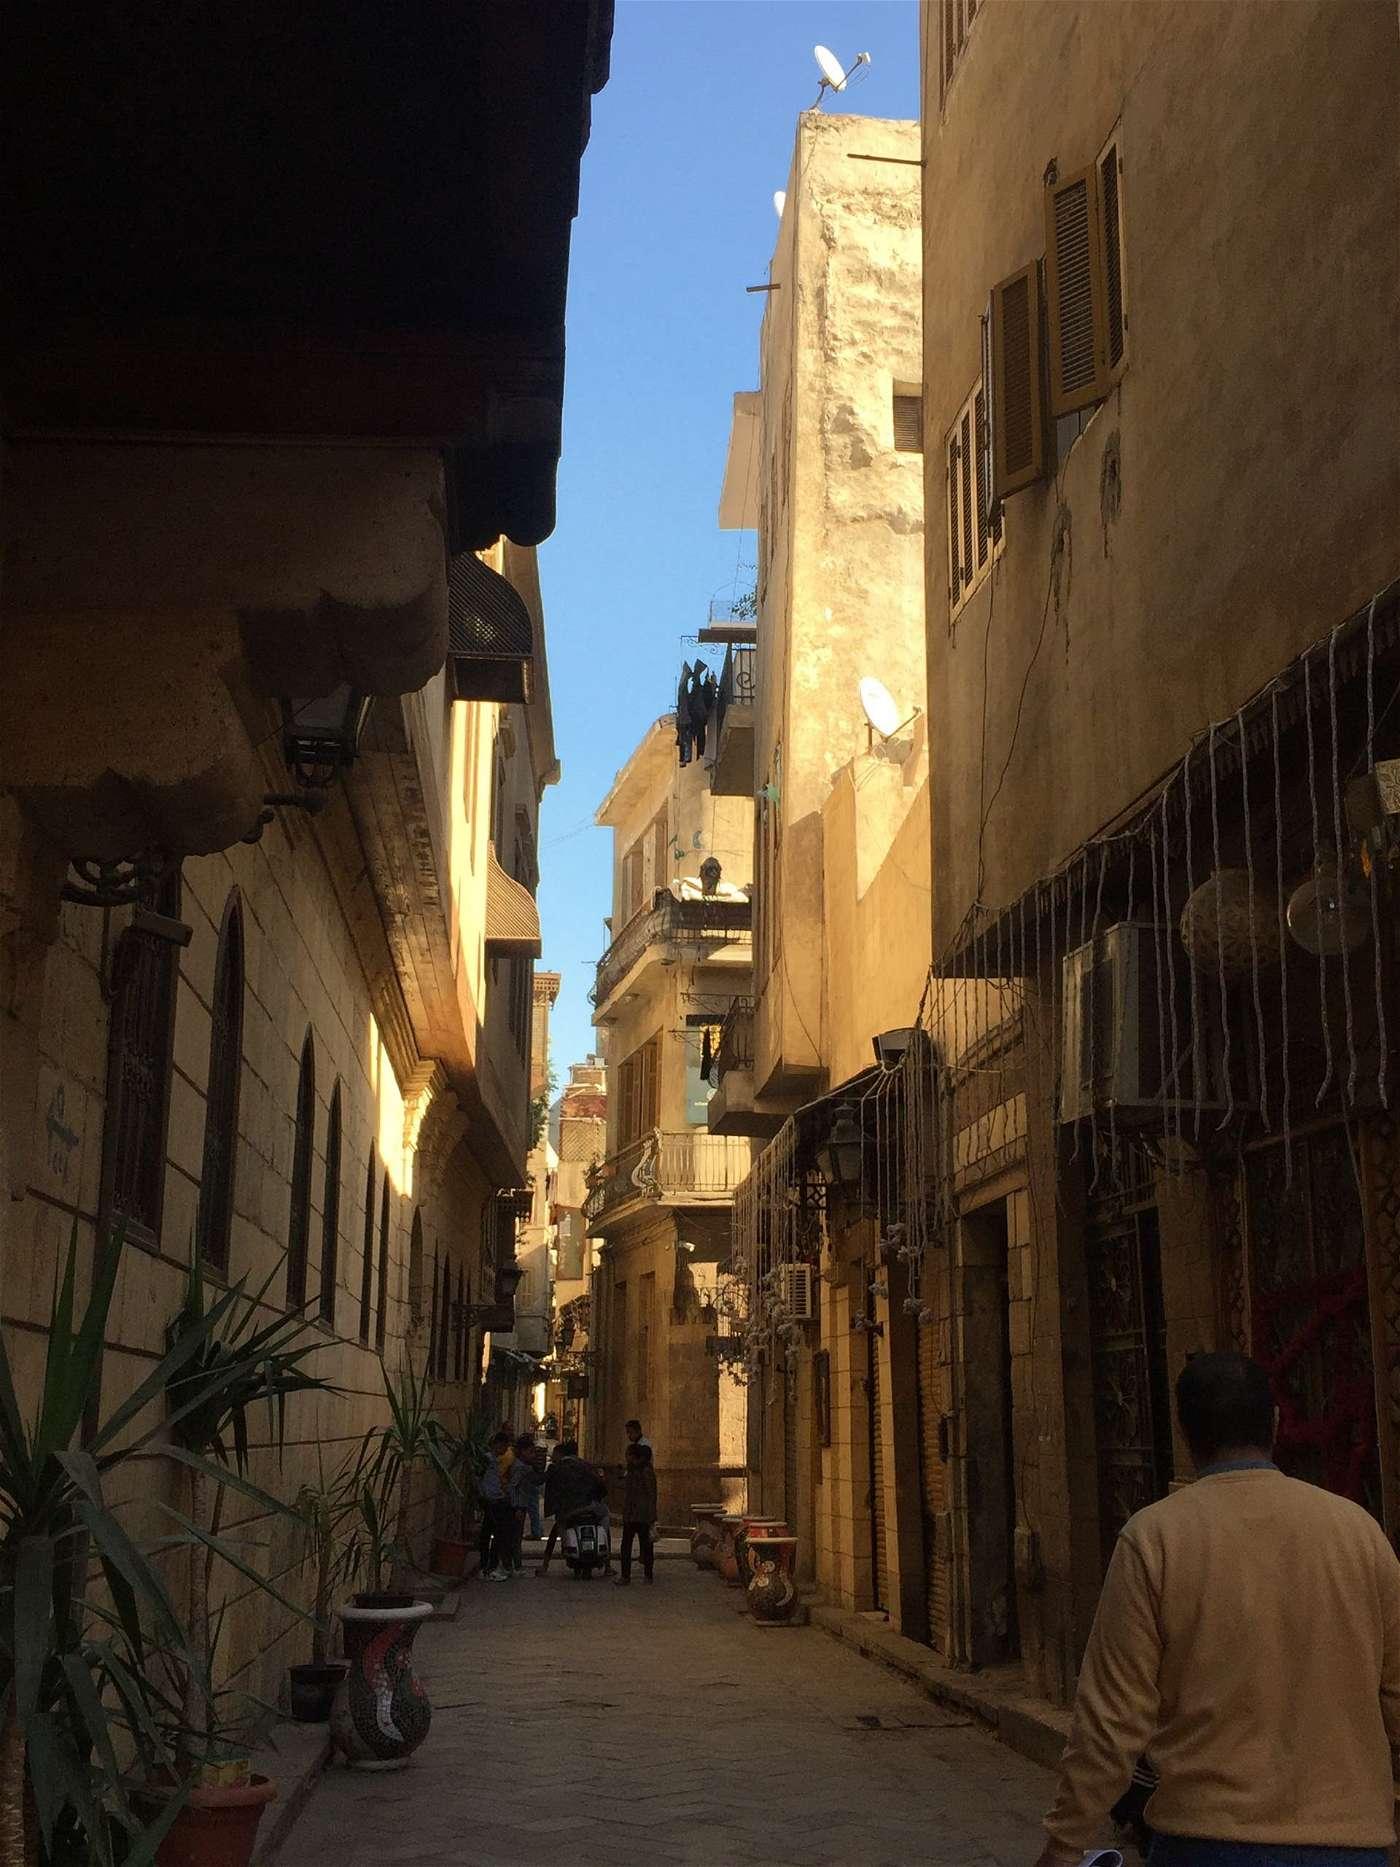 شارع مصري عمره 1000 عام